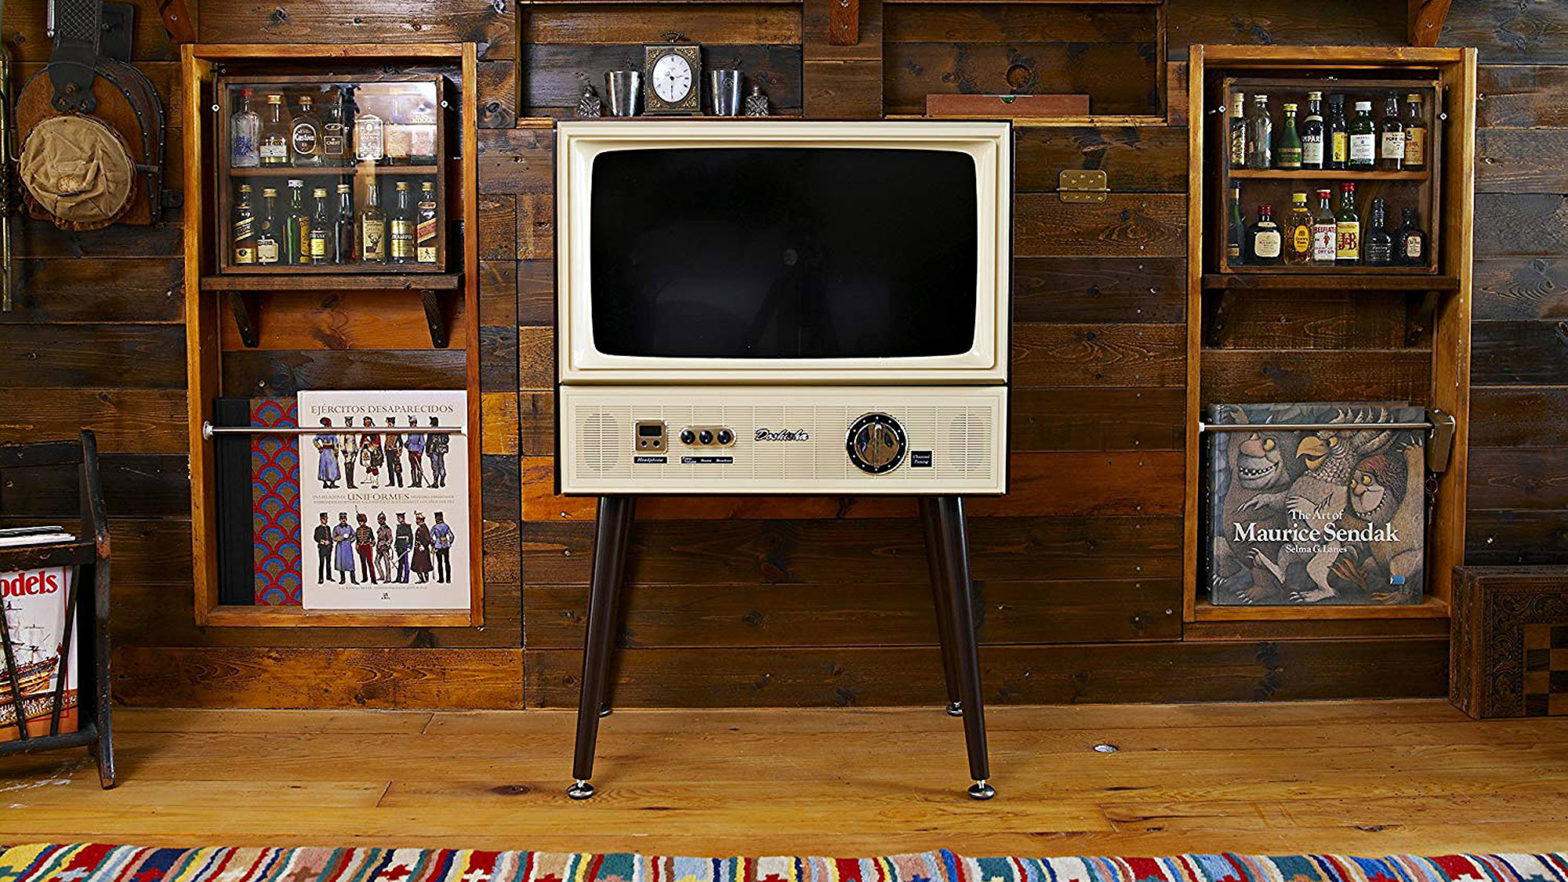 手机不离手的时代,还有必要买万元电视吗?